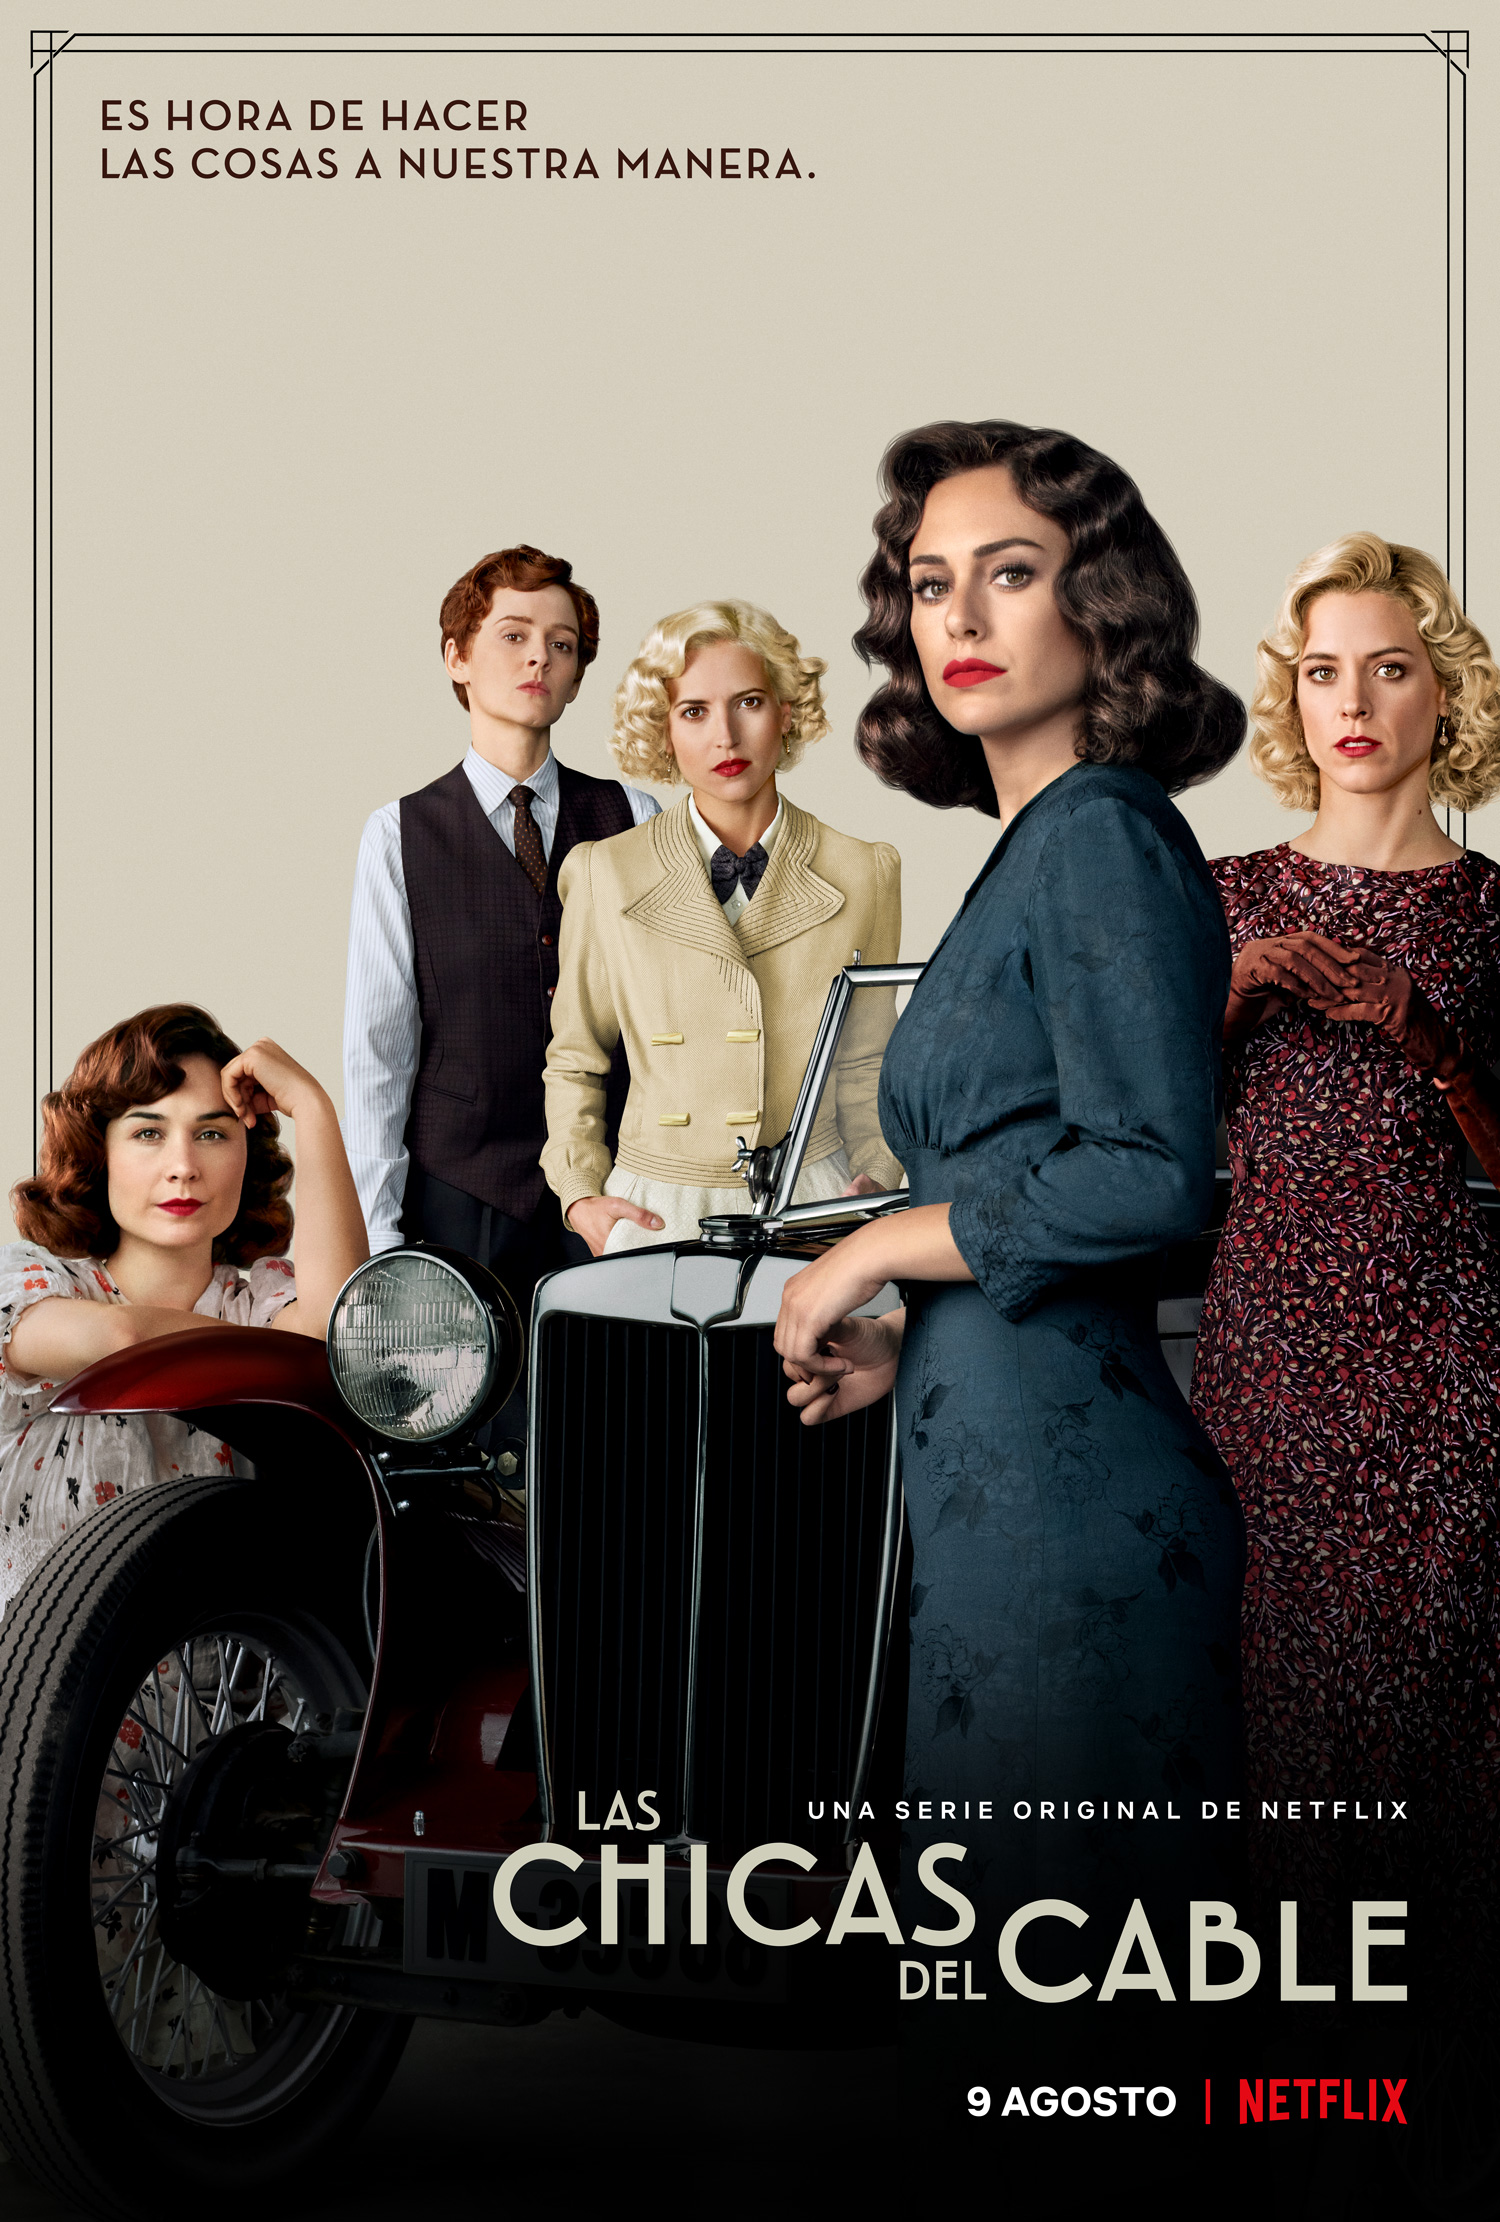 Las chicas del cable Temporada 4 Poster.jpg